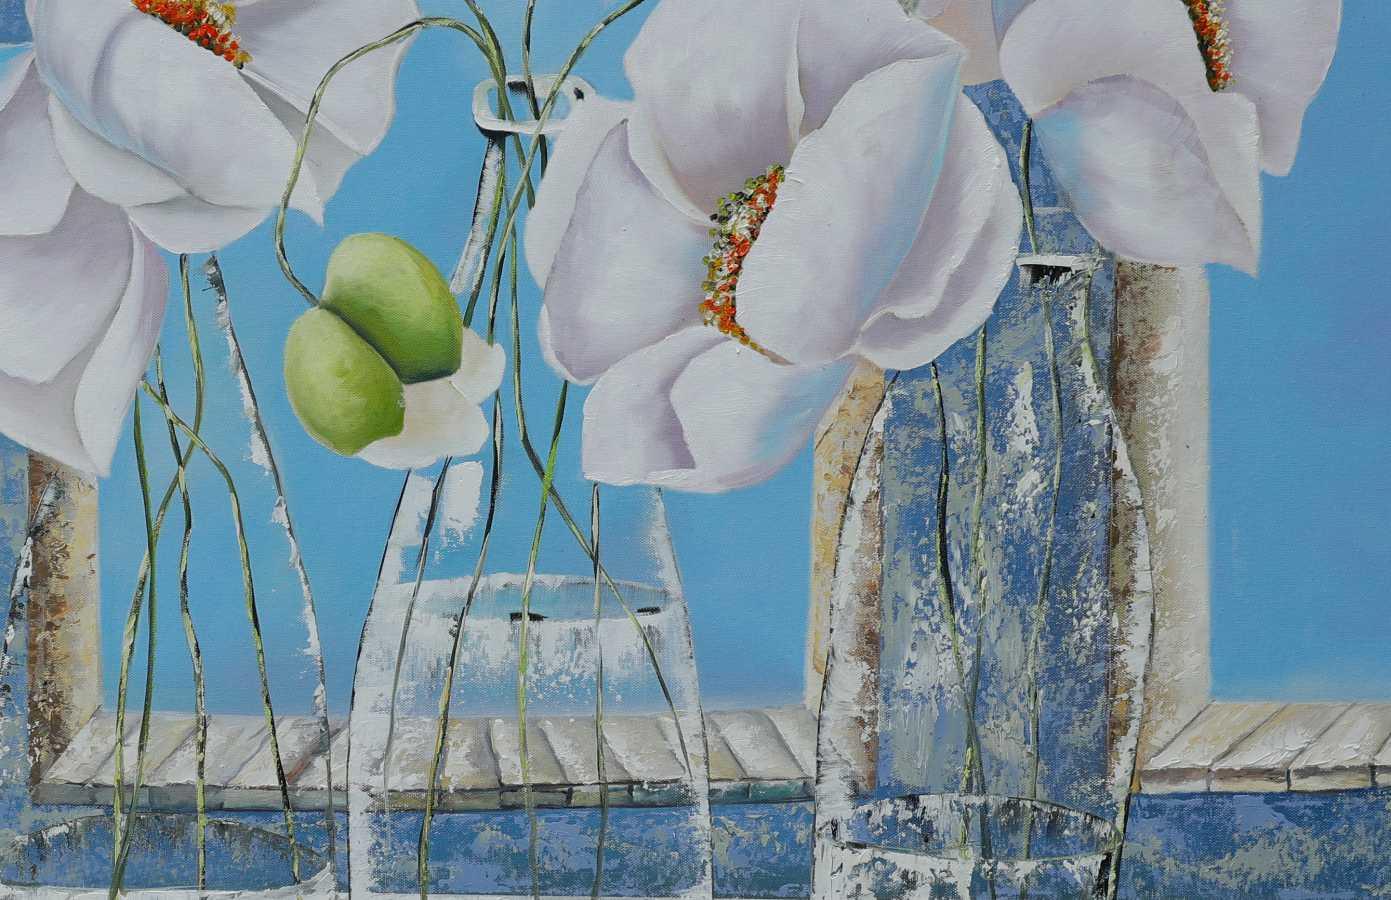 Những cành hoa poppy trong chiếc bình thủy tinh hiện đại